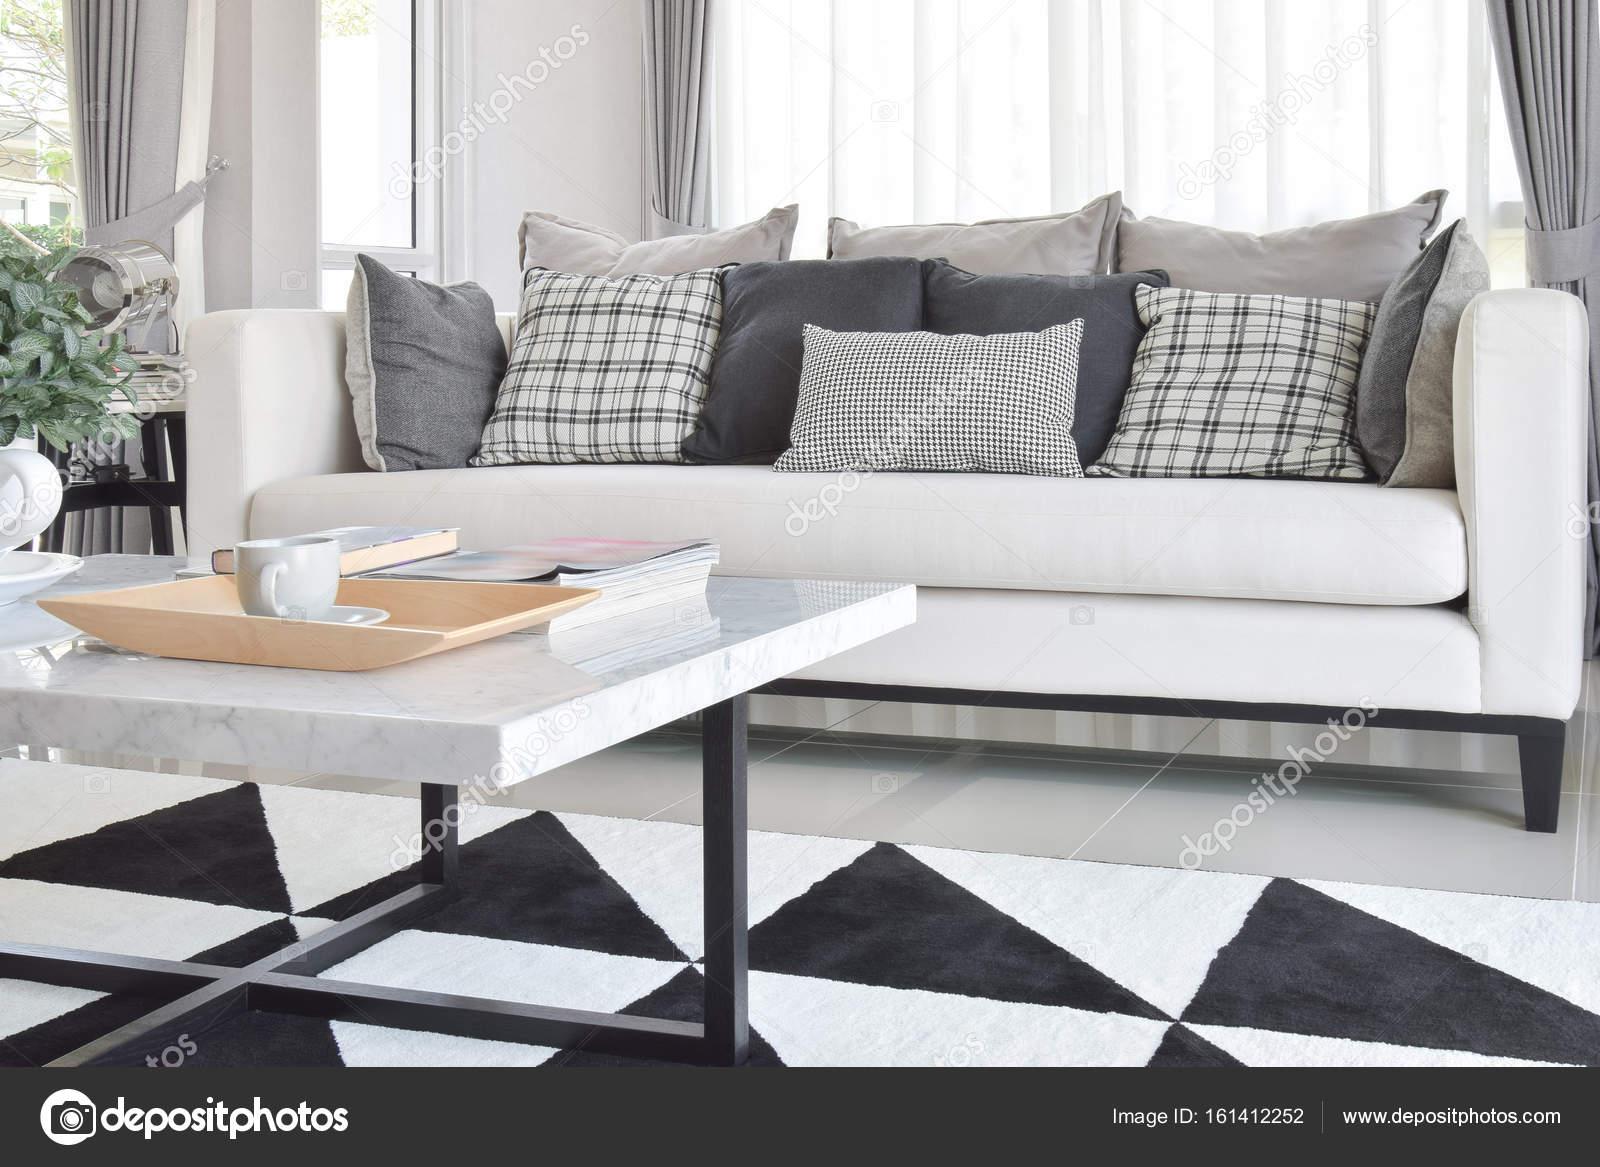 moderne woonkamer interieur met zwart-wit gecontroleerd patroon ...